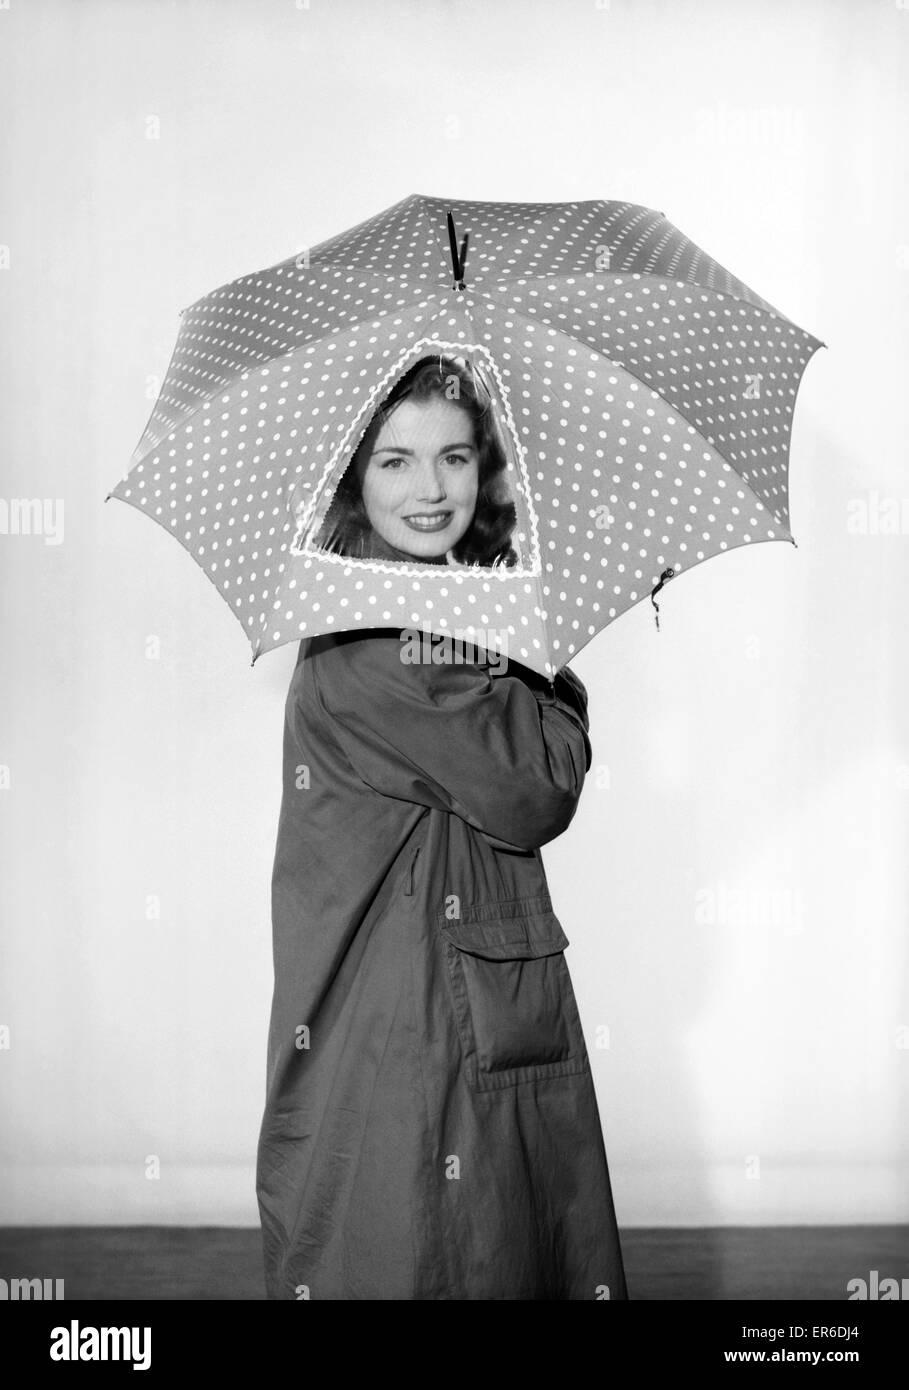 new style 09594 4bbd6 Abbigliamento: moda: Cappotti: donna che indossa la pioggia ...